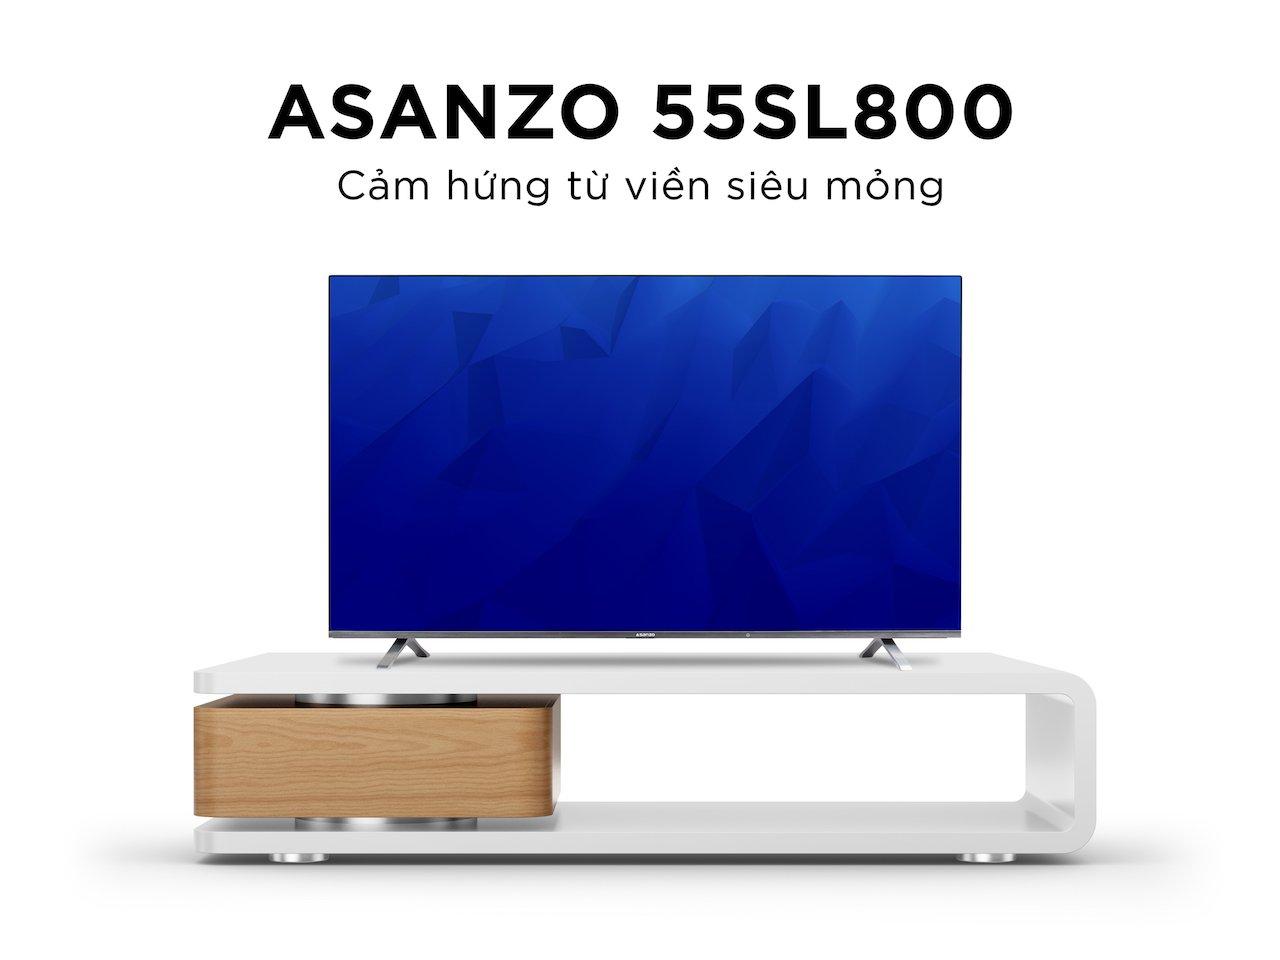 Asanzo giới thiệu iSLIM TV kích thước từ 32 đến 55 inch